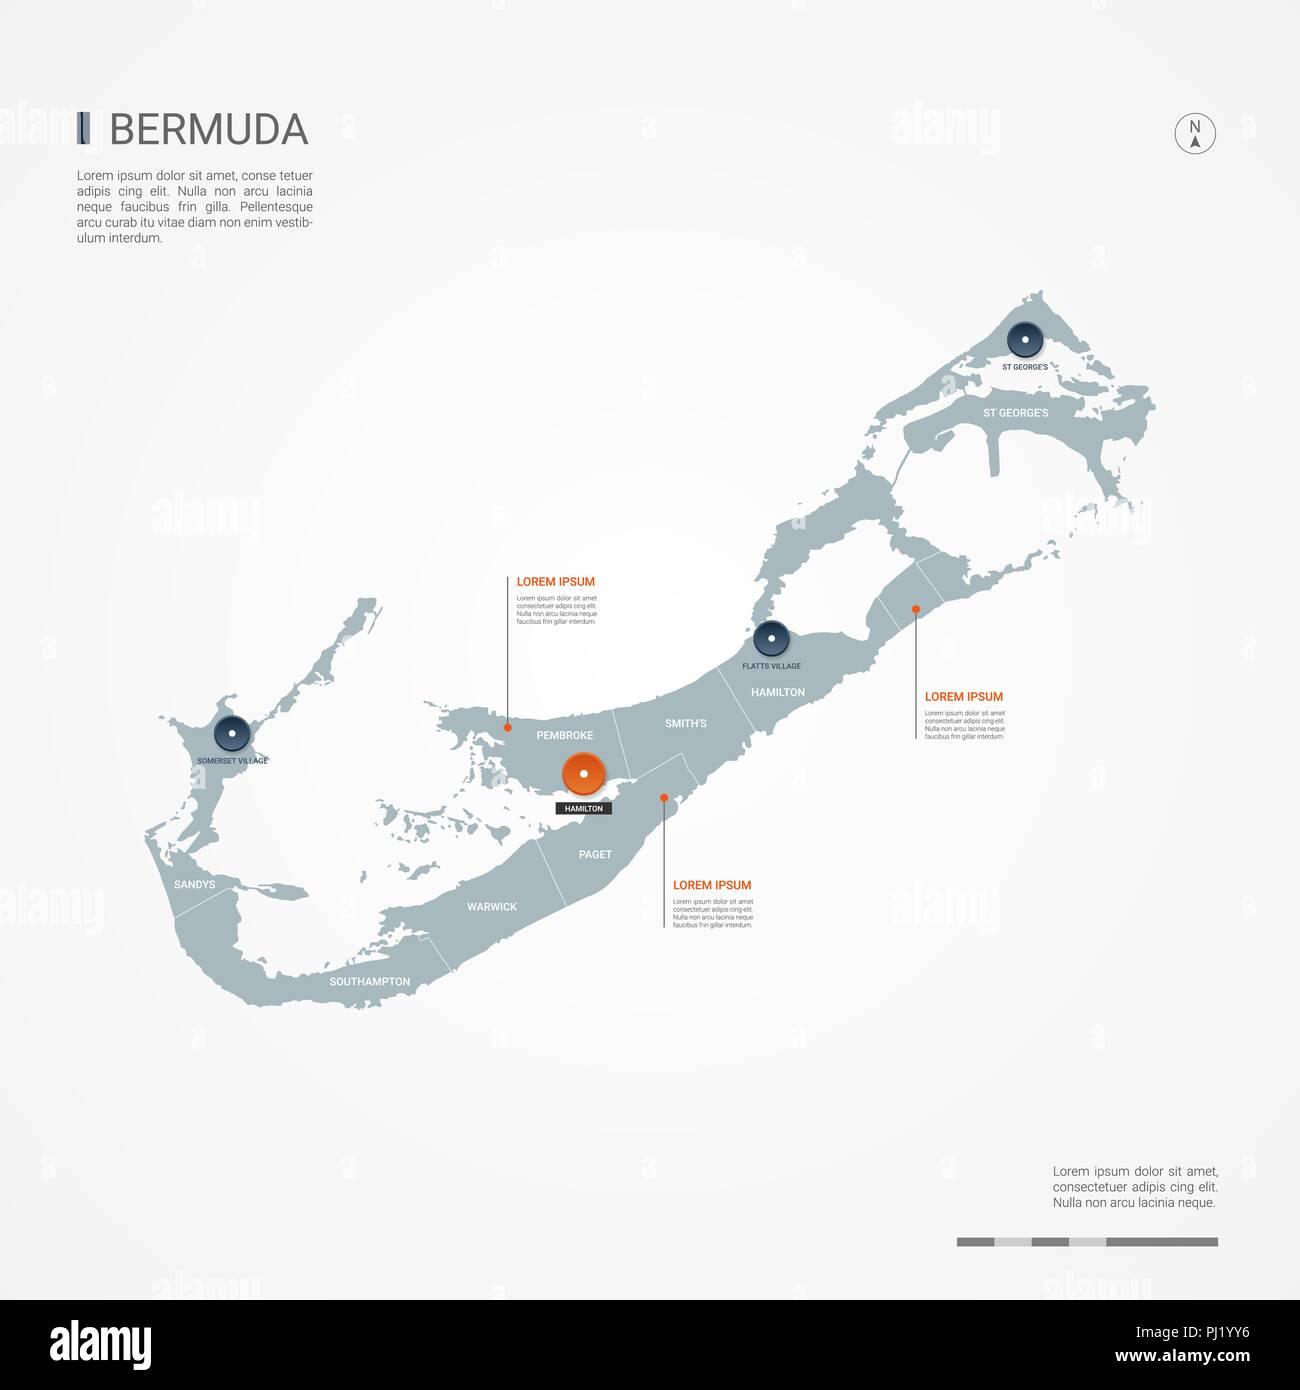 Bermuda Map Stock Photos & Bermuda Map Stock Images - Alamy